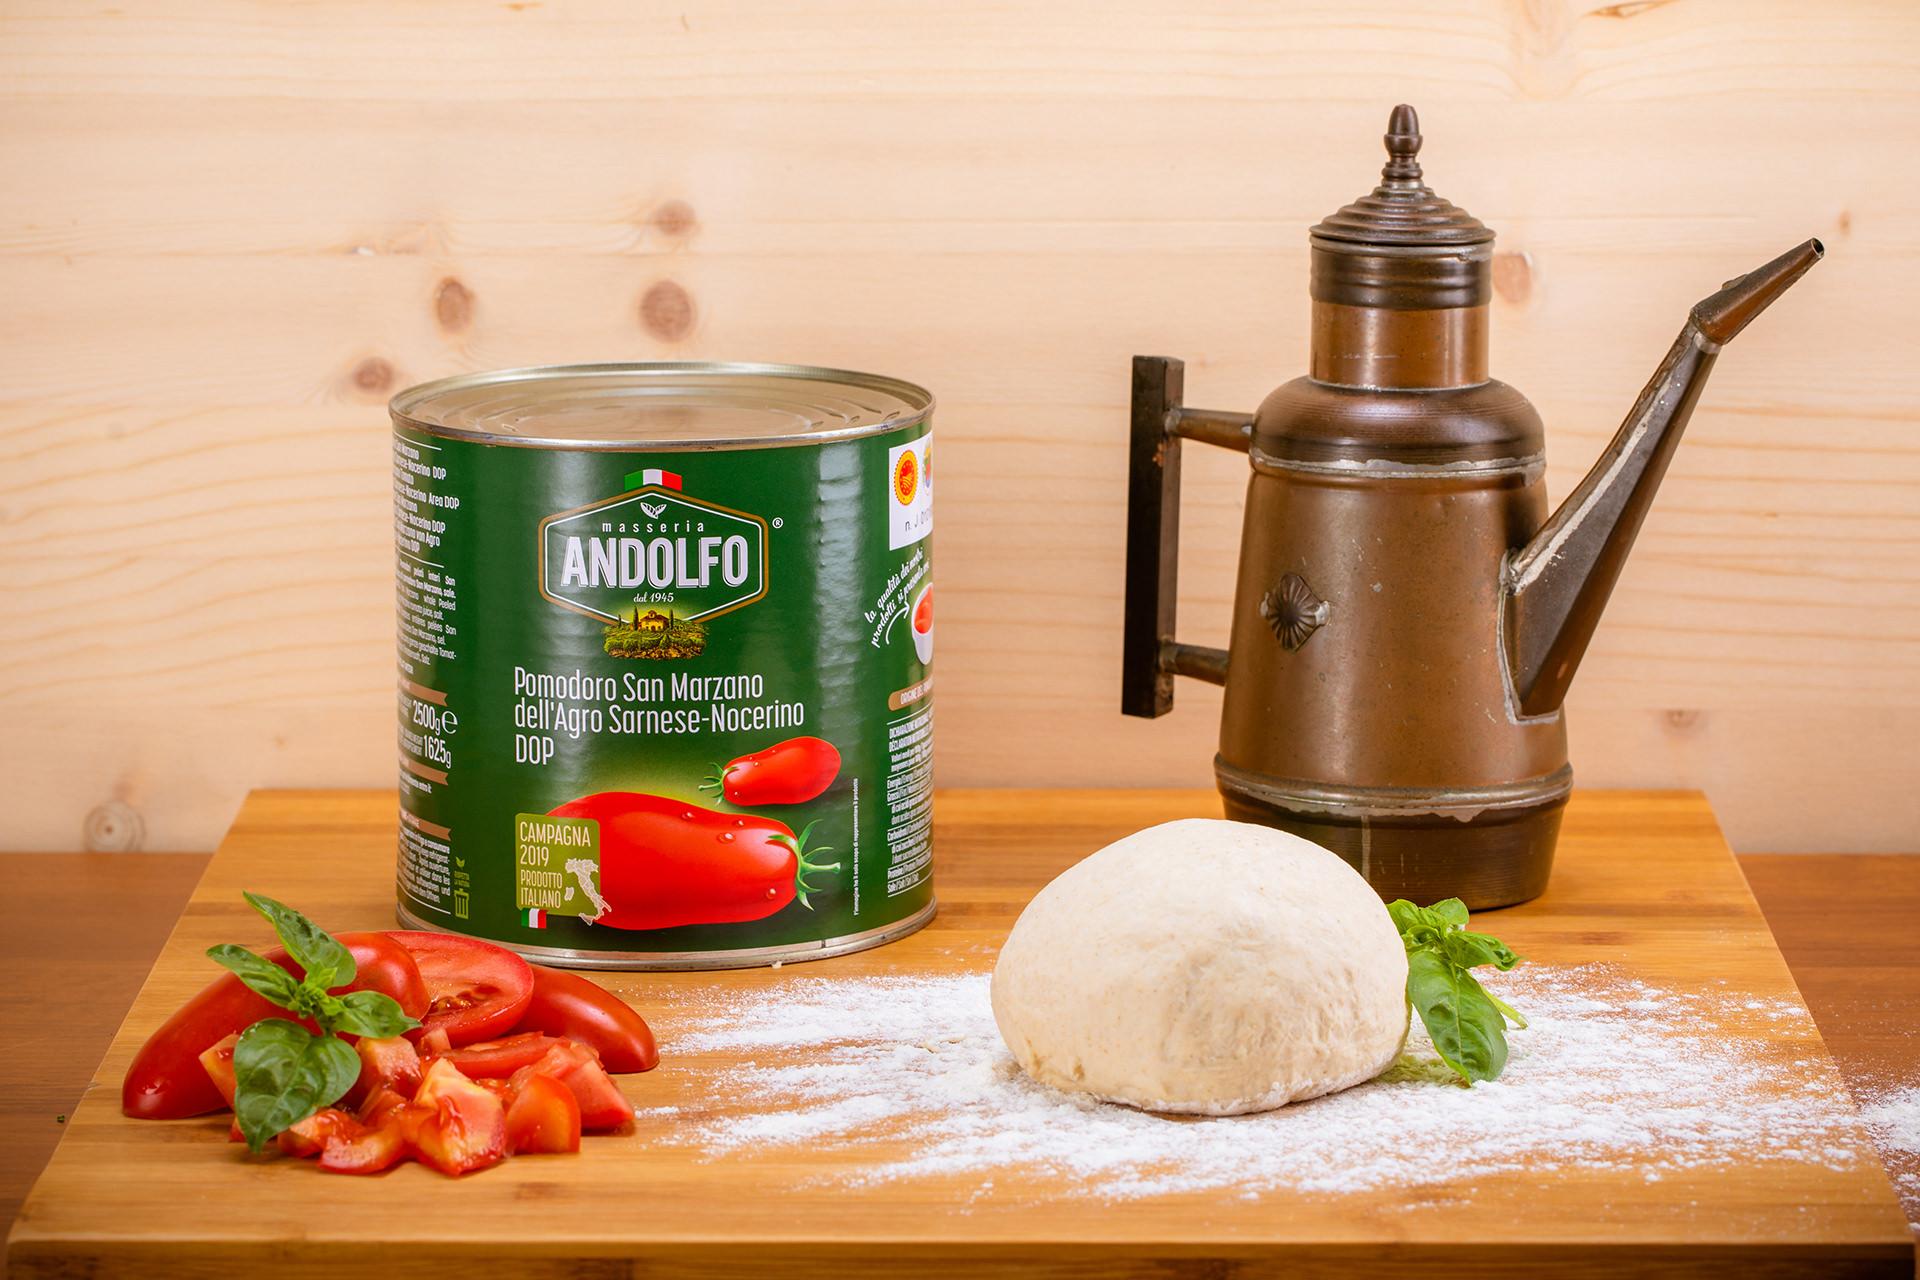 Masseria Andolfo - Food Service Pomodoro San Marzano D.O.P.